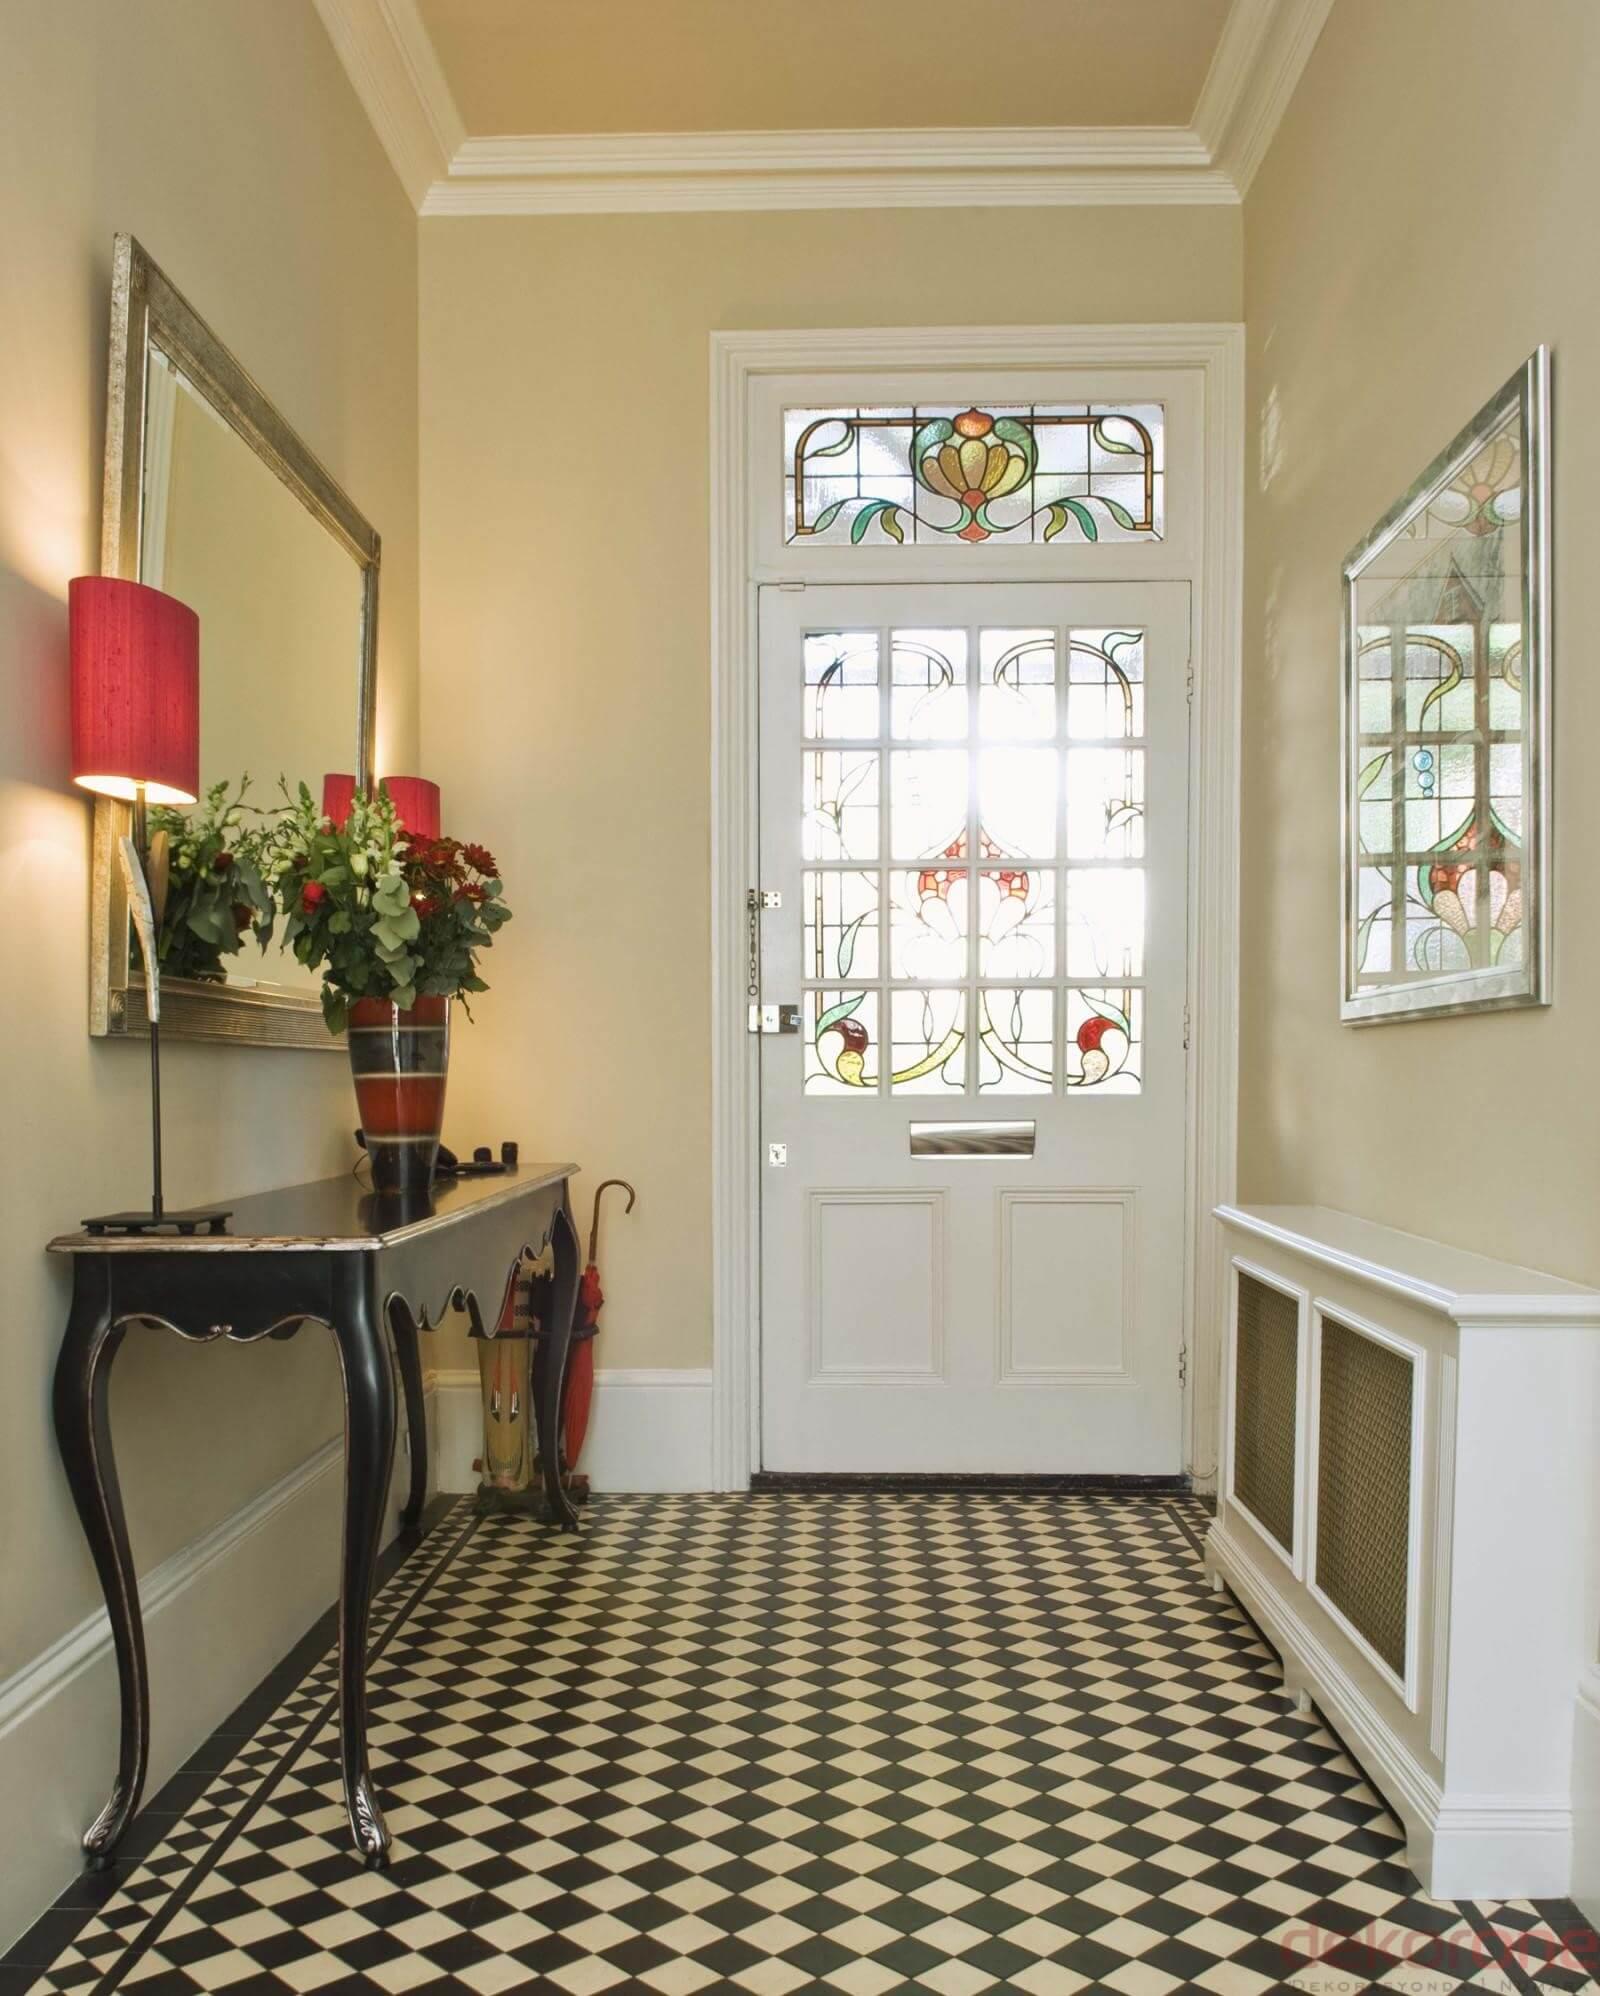 stunning-giris-dekorasyonu-5-evinizin-giris-holunu-dekore-etmek-2 Evinizin giriş holünü dekore etmek